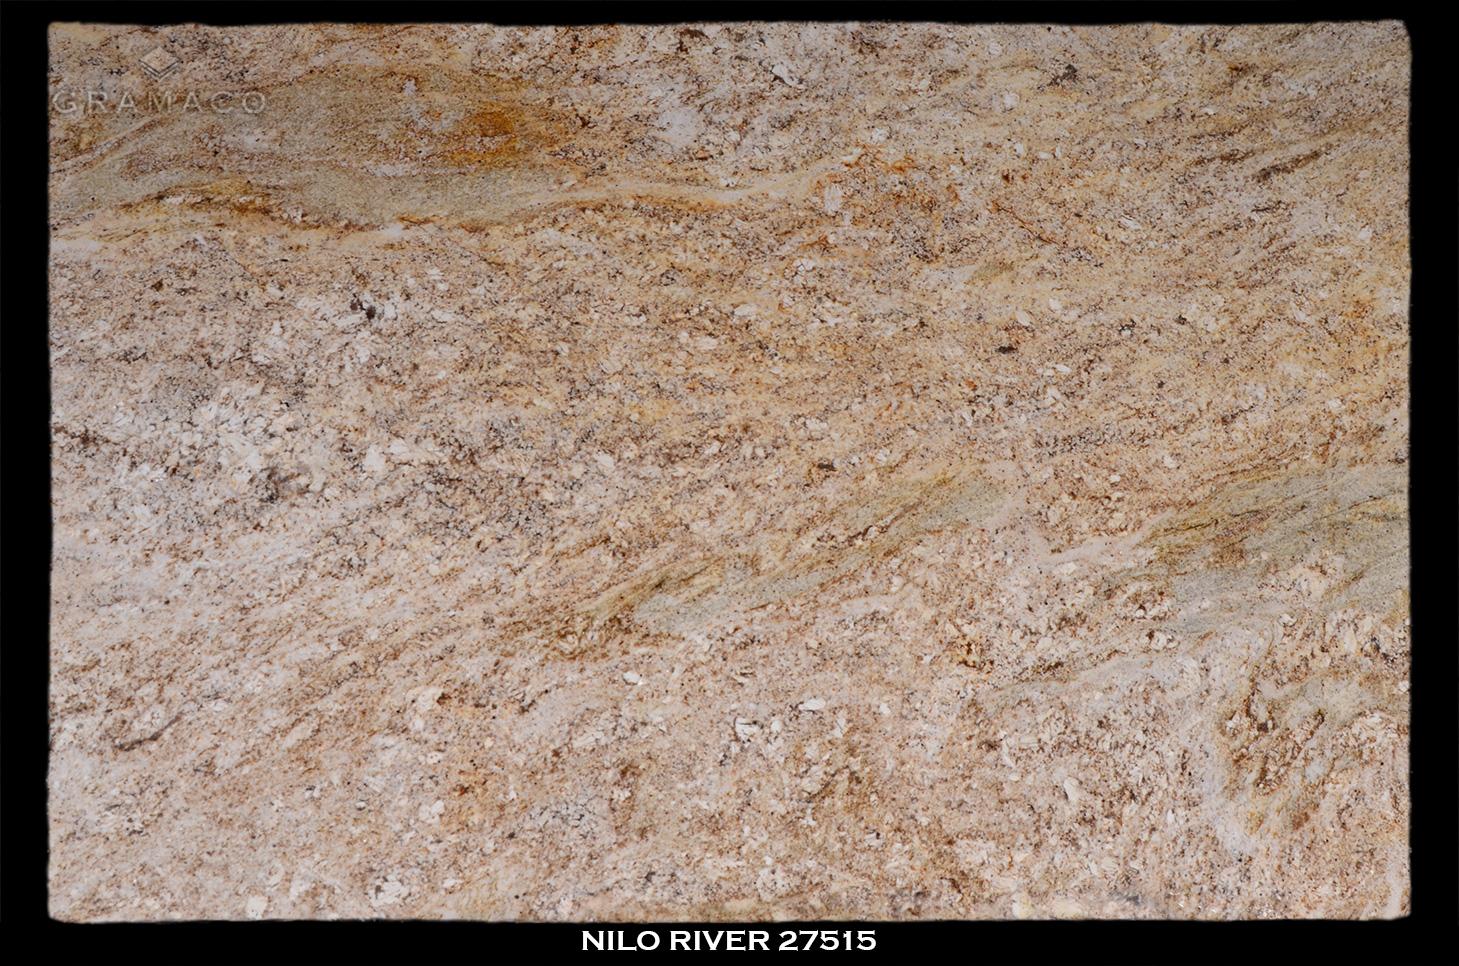 Nilo-river-27515-slab